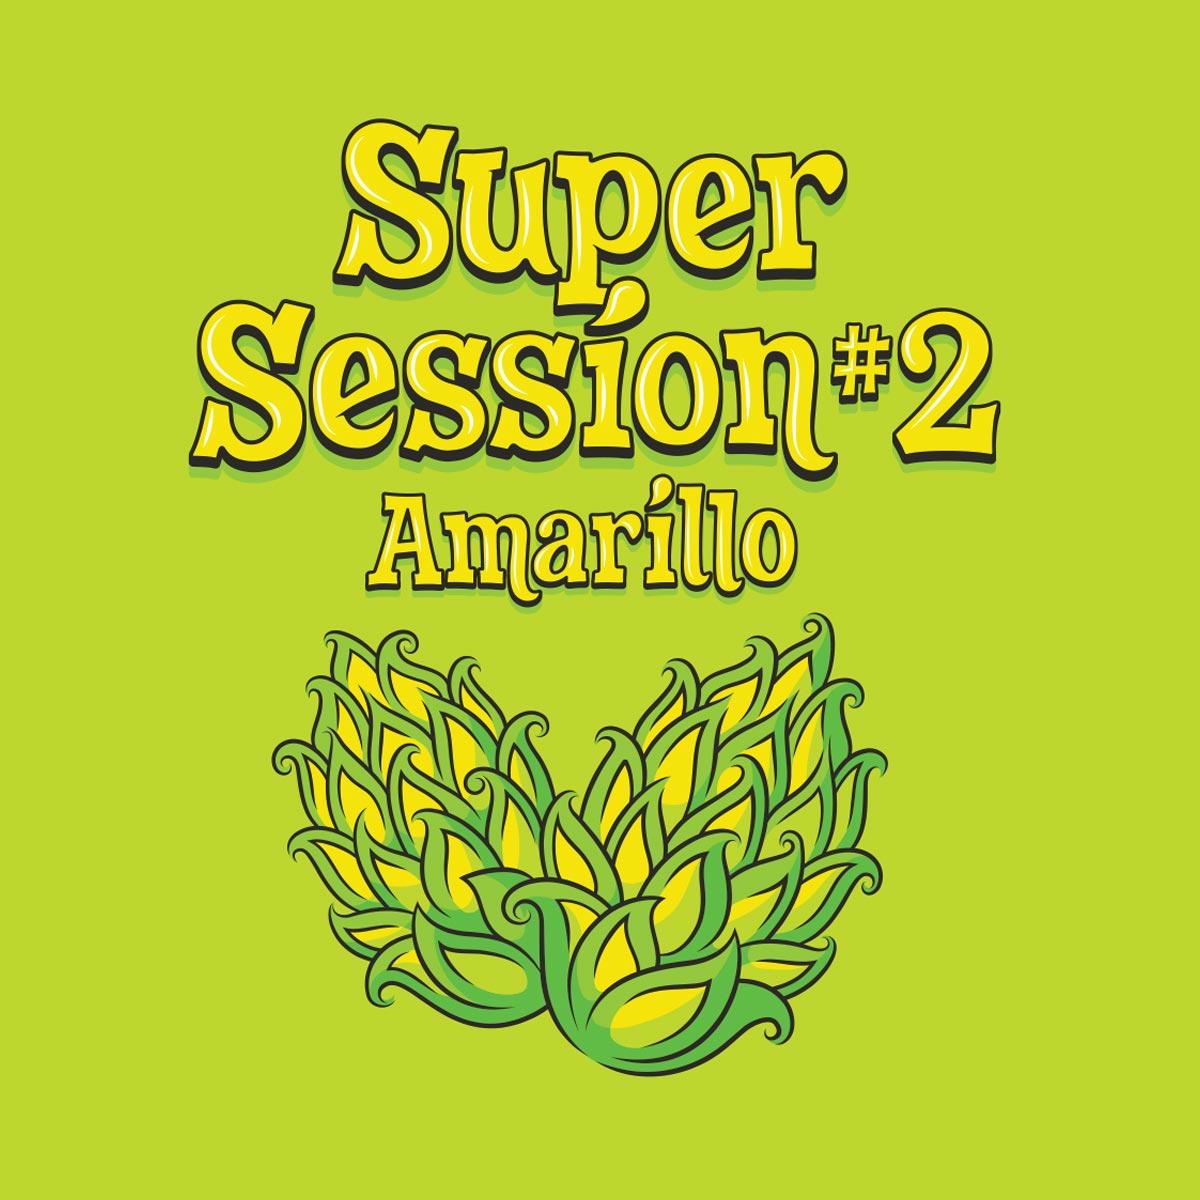 Super Session #2 - Amarillo